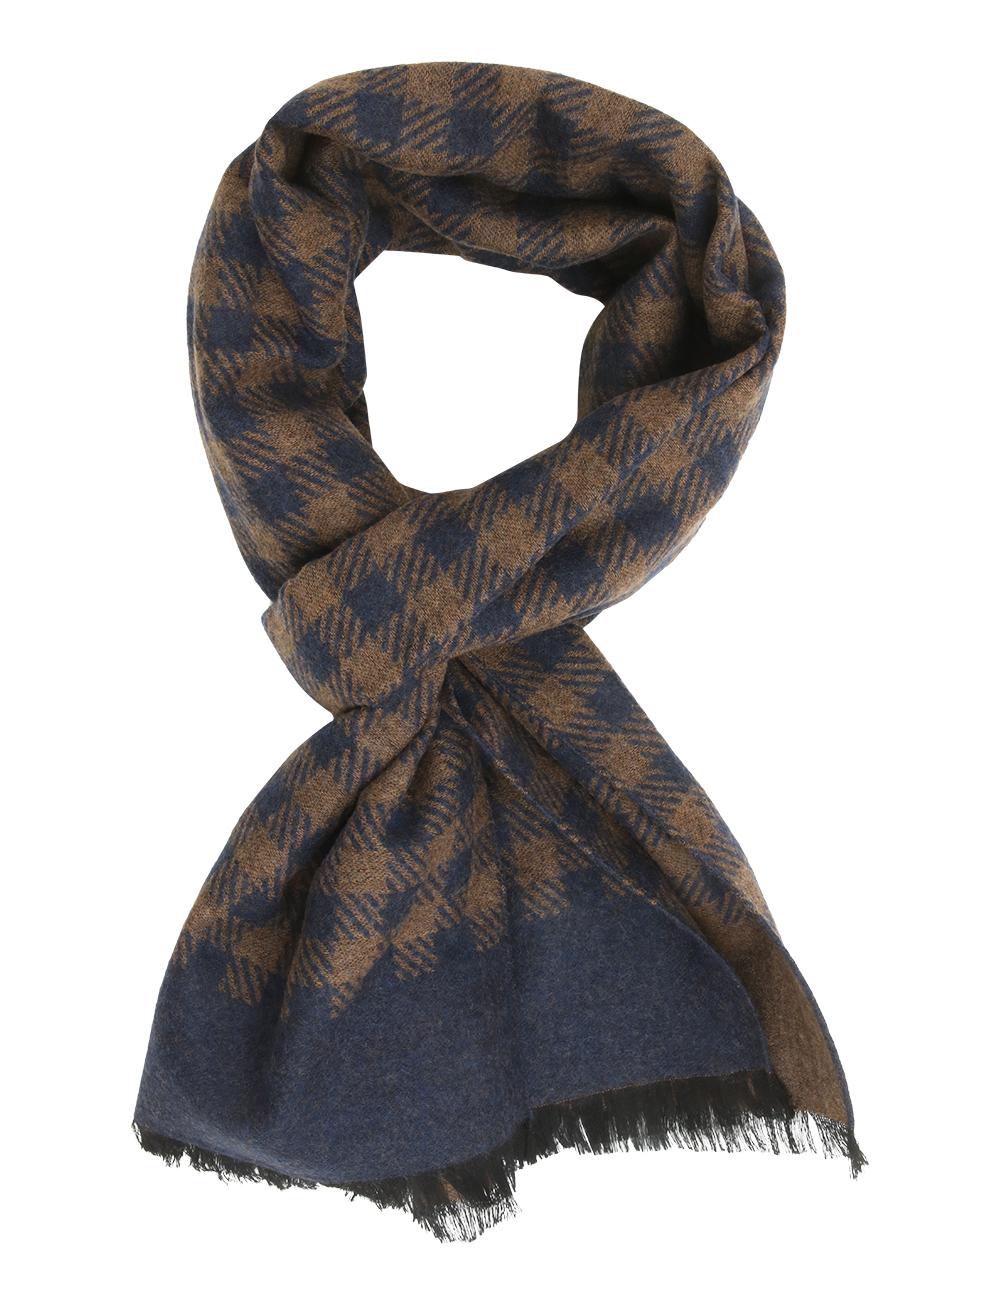 Echarpe à motif pied-de-poule en laine et soie – marron bleu marine ... 320ecbd7916